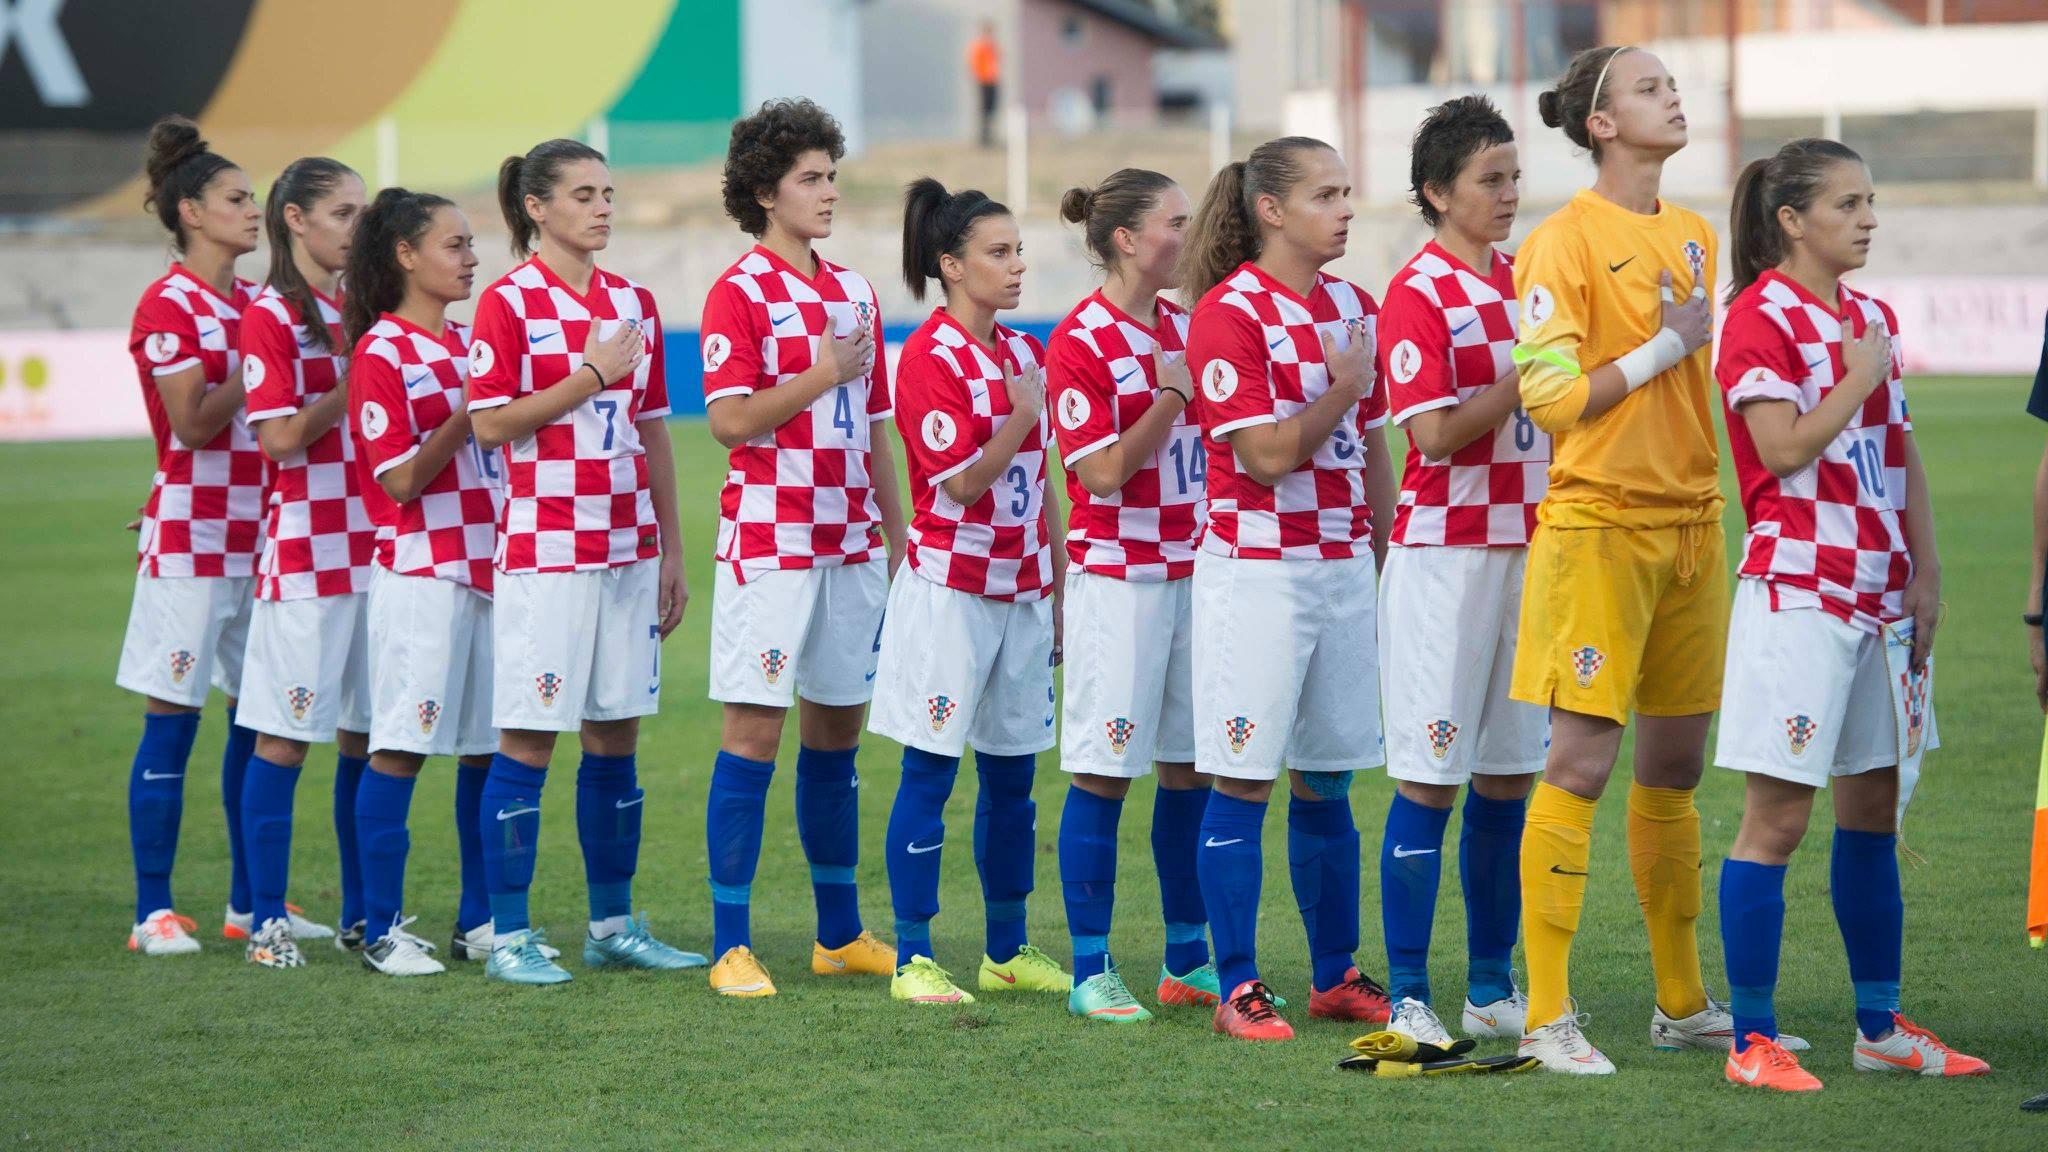 Iva Landeka predvodila Hrvatsku u remiju protiv Mađarske